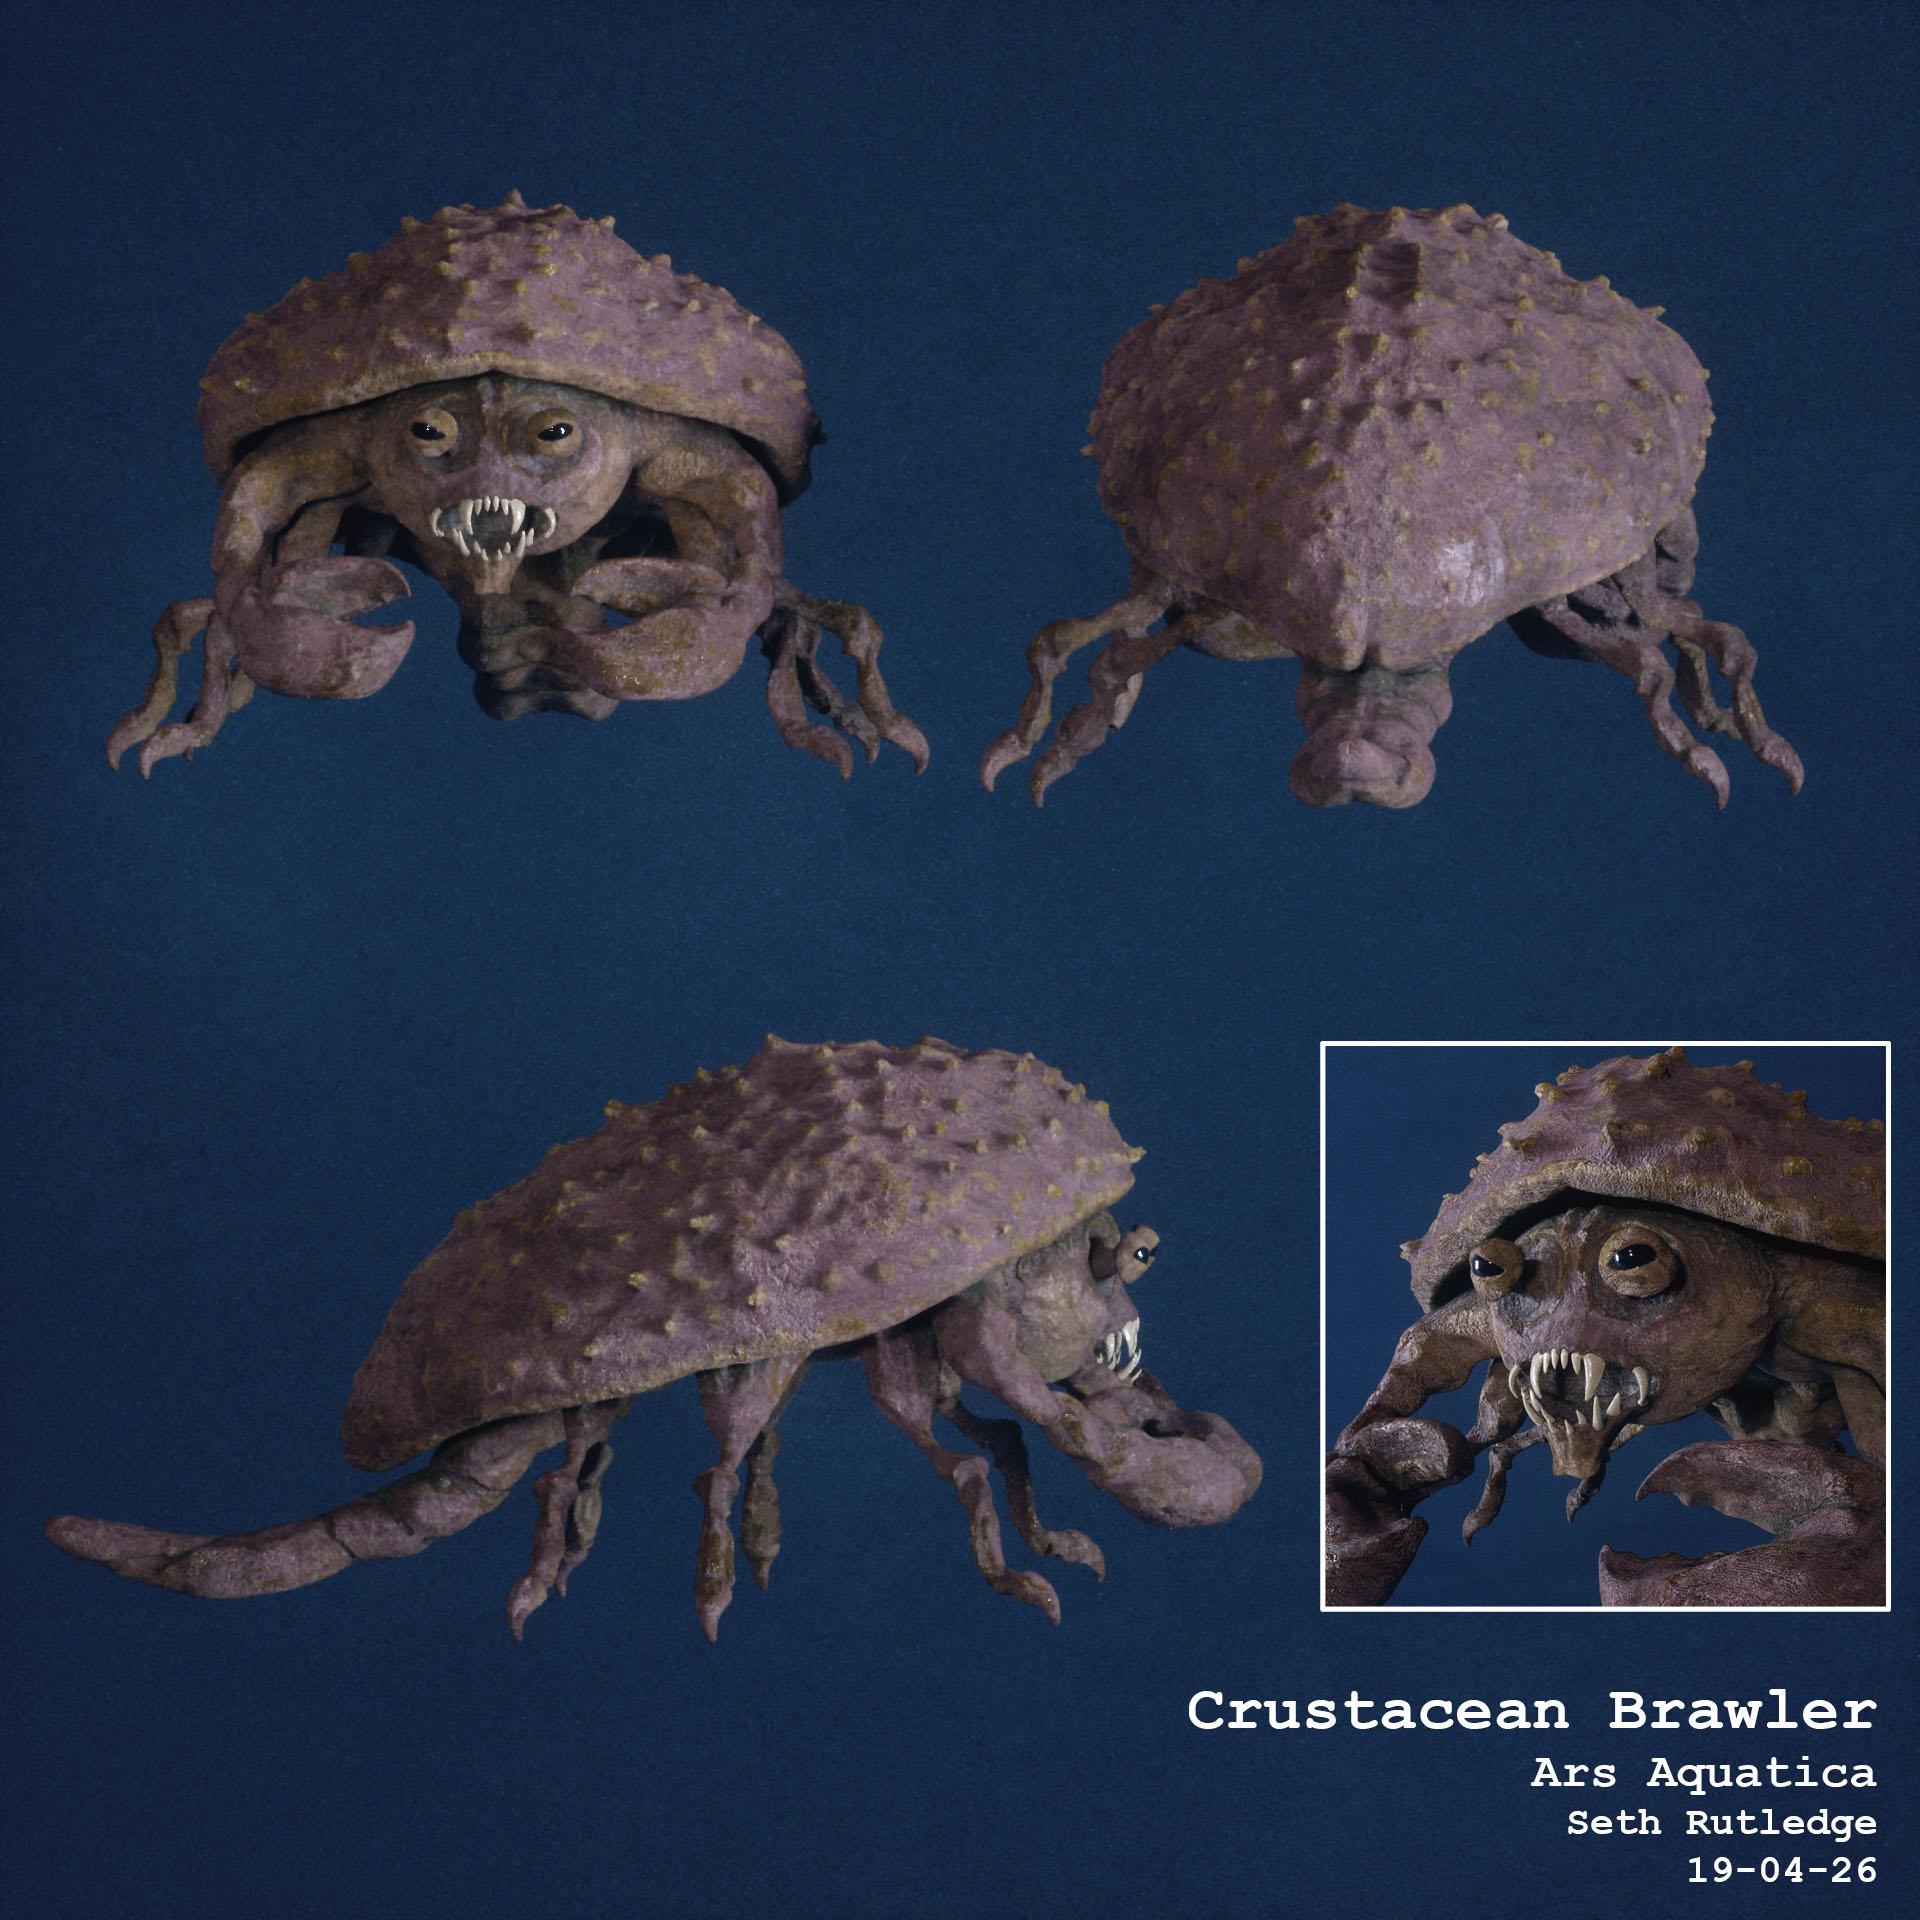 190426 Crustacean Brawler1.jpg